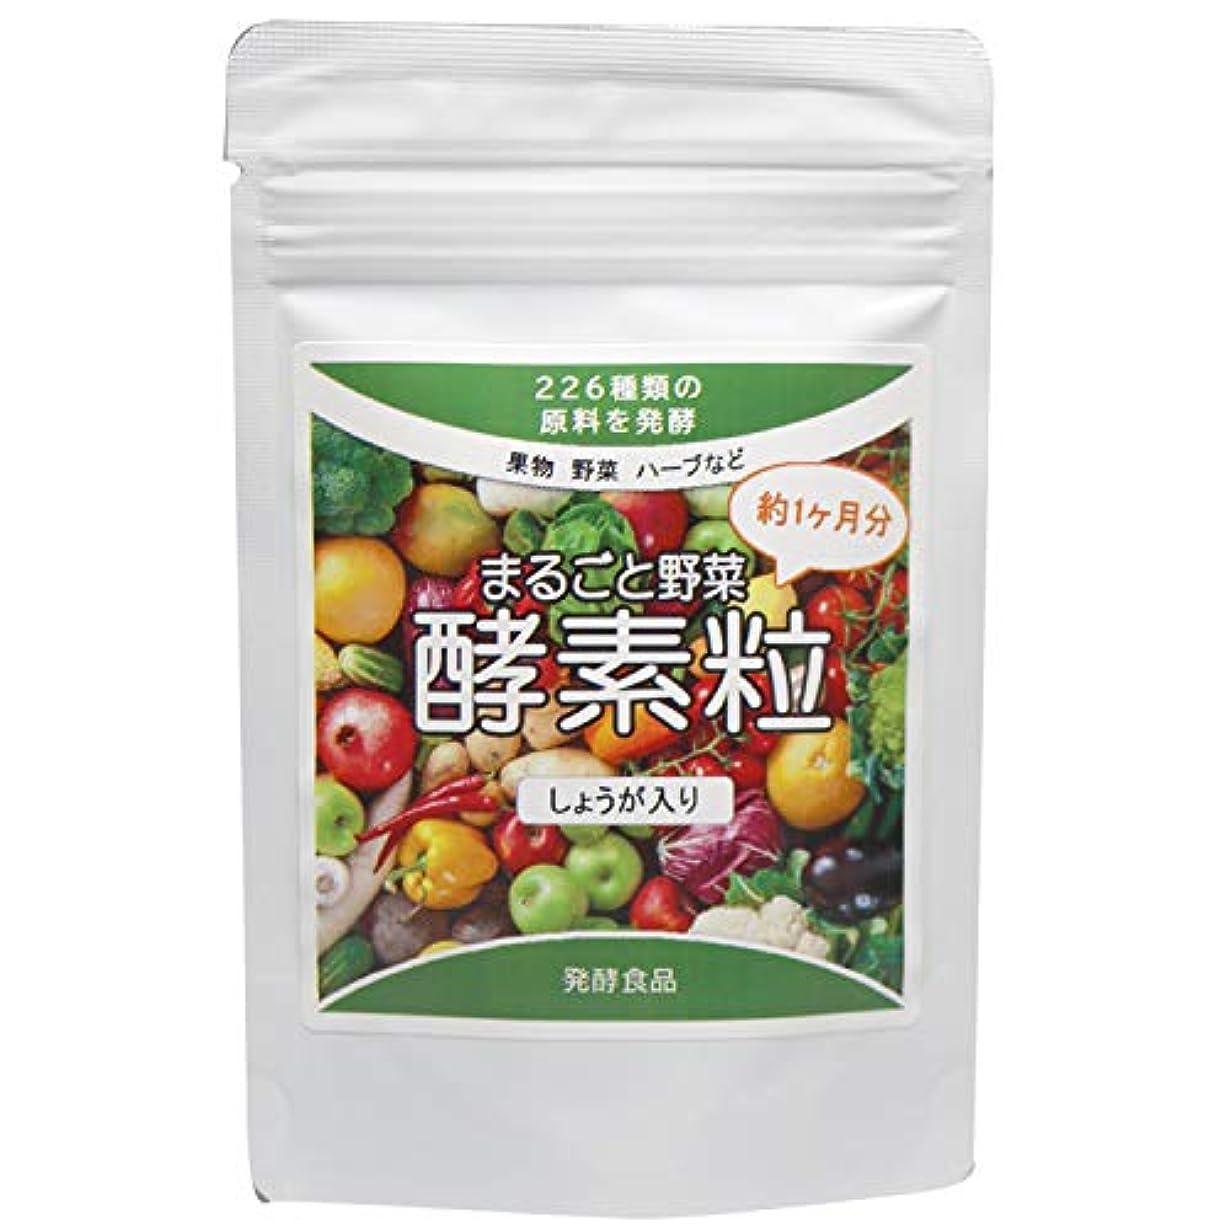 その他ベル独立まるごと野菜酵素粒 226種類の野菜発酵(しょうが入り) 約4ヶ月分 (440mg×120粒)